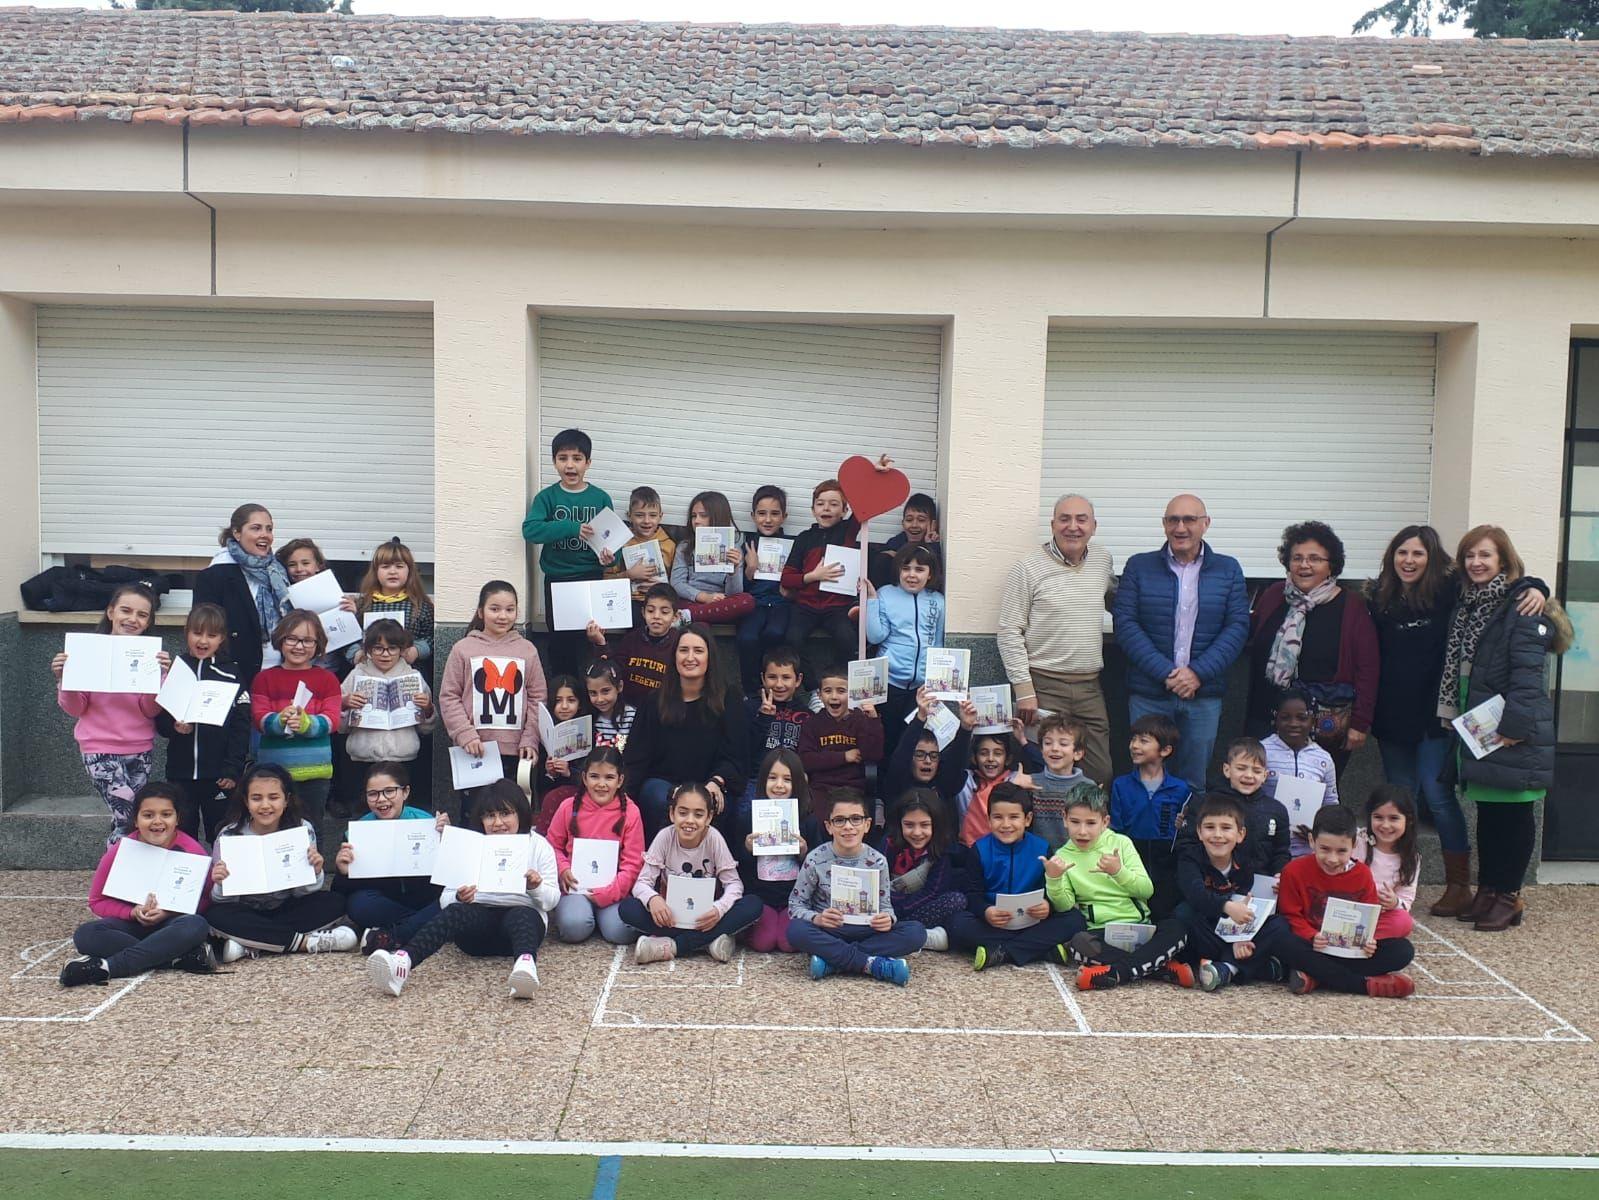 El Colegio Ntra. Sra. de la Paz de Corral de Calatrava comprometido con el plan de igualdad educativa